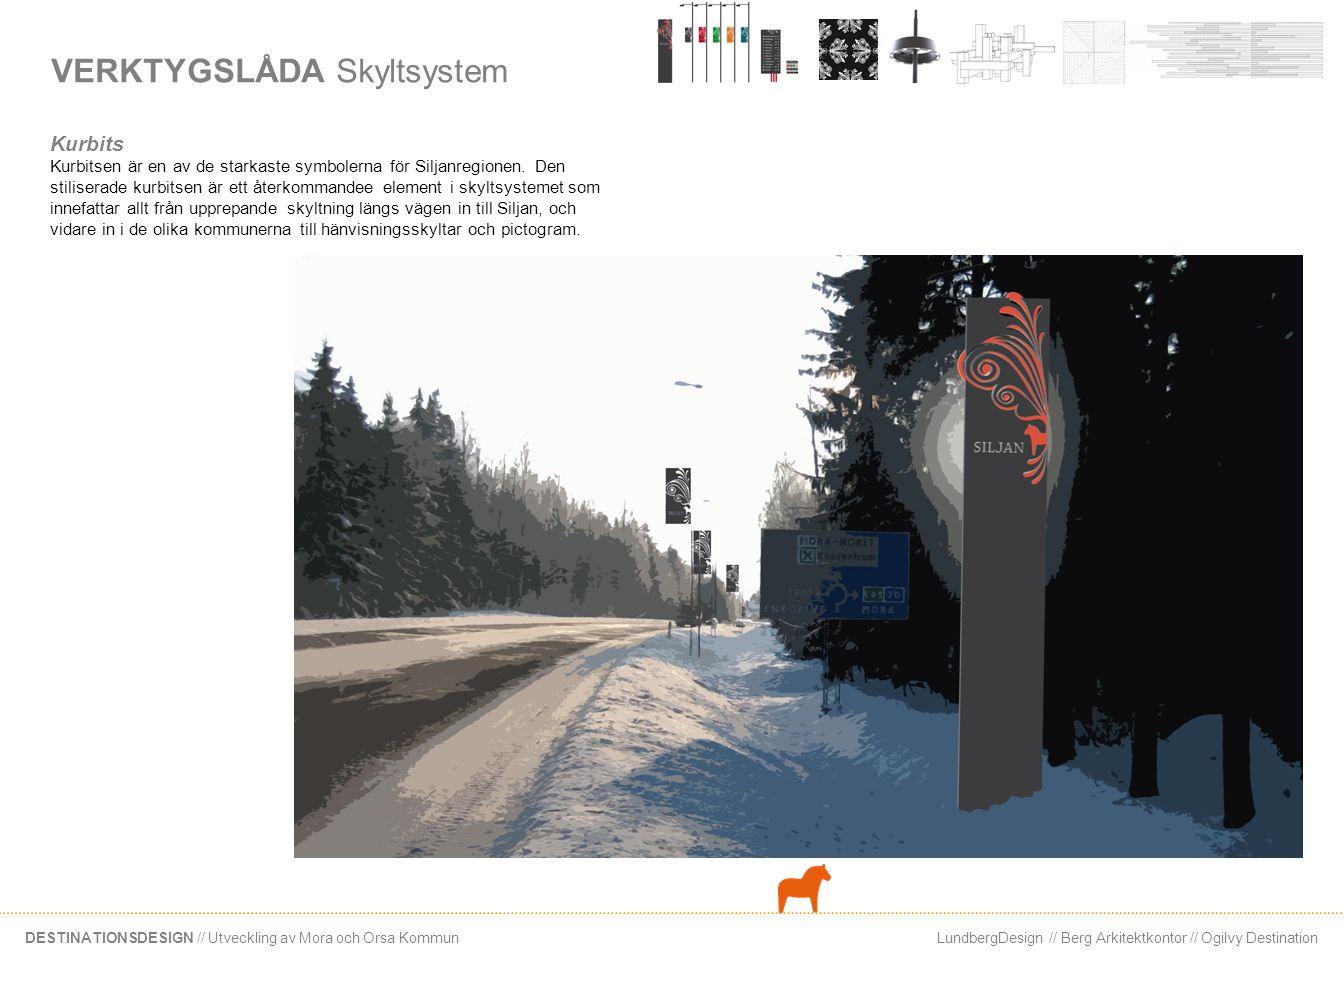 LundbergDesign // Berg Arkitektkontor // Ogilvy DestinationDESTINATIONSDESIGN // Utveckling av Mora och Orsa Kommun VERKTYGSLÅDA Skyltsystem Kurbits K